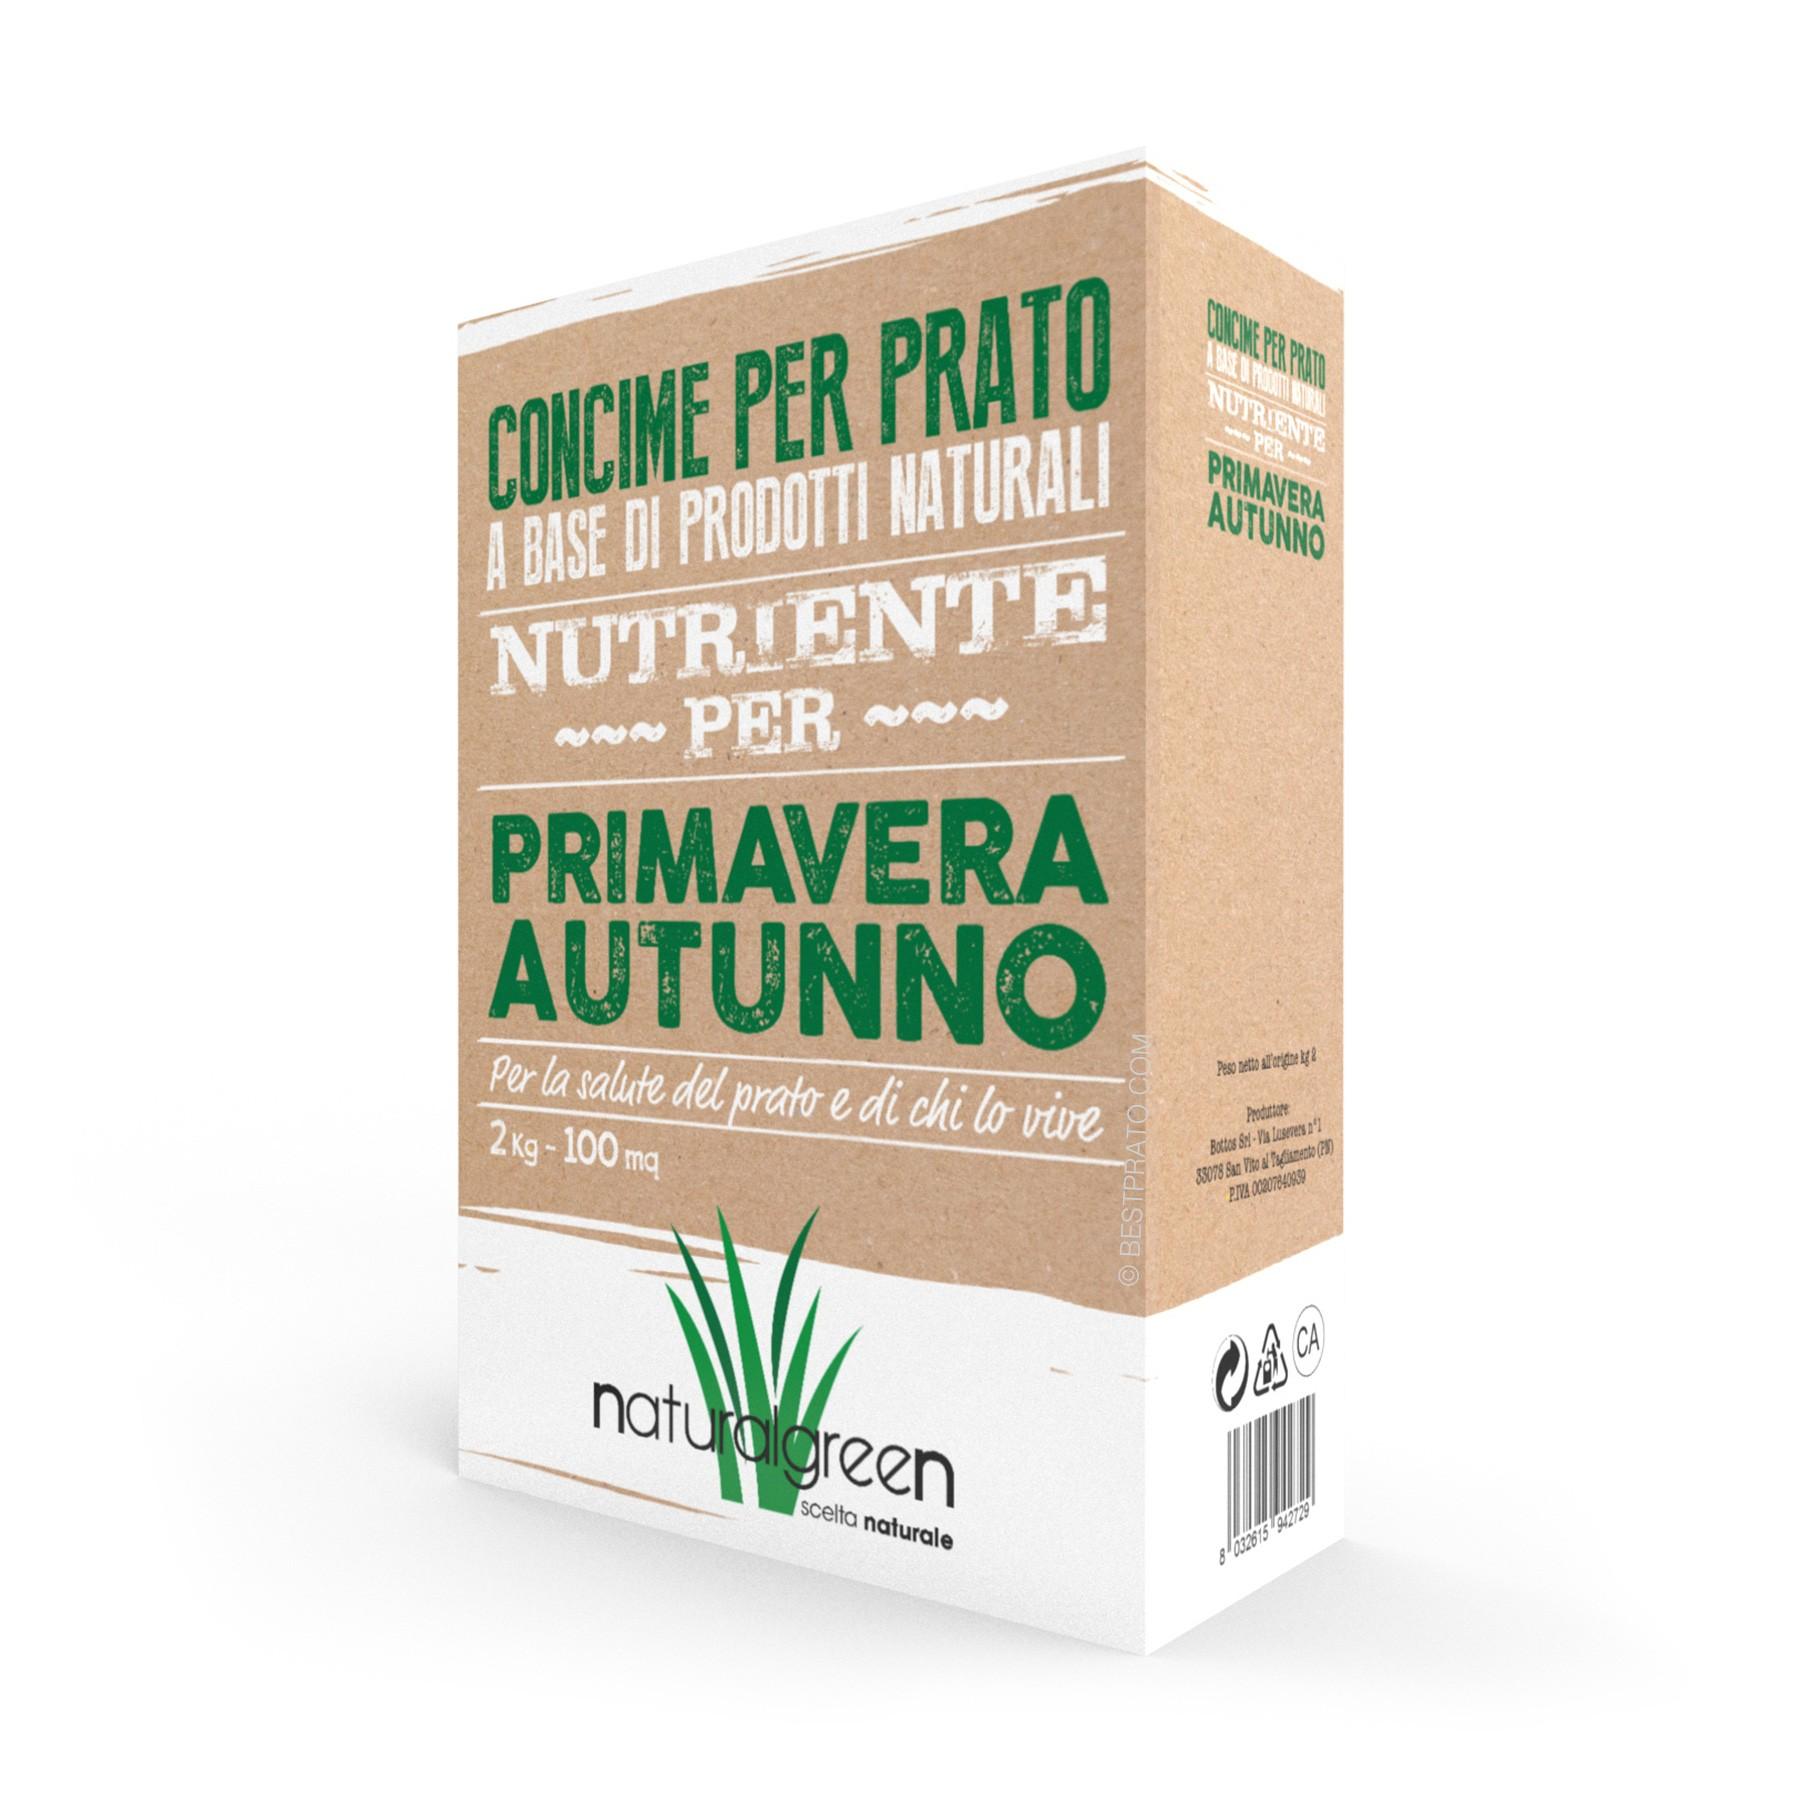 Concime Per Prato Autunnale naturalgreen primavera/autunno - 2kg